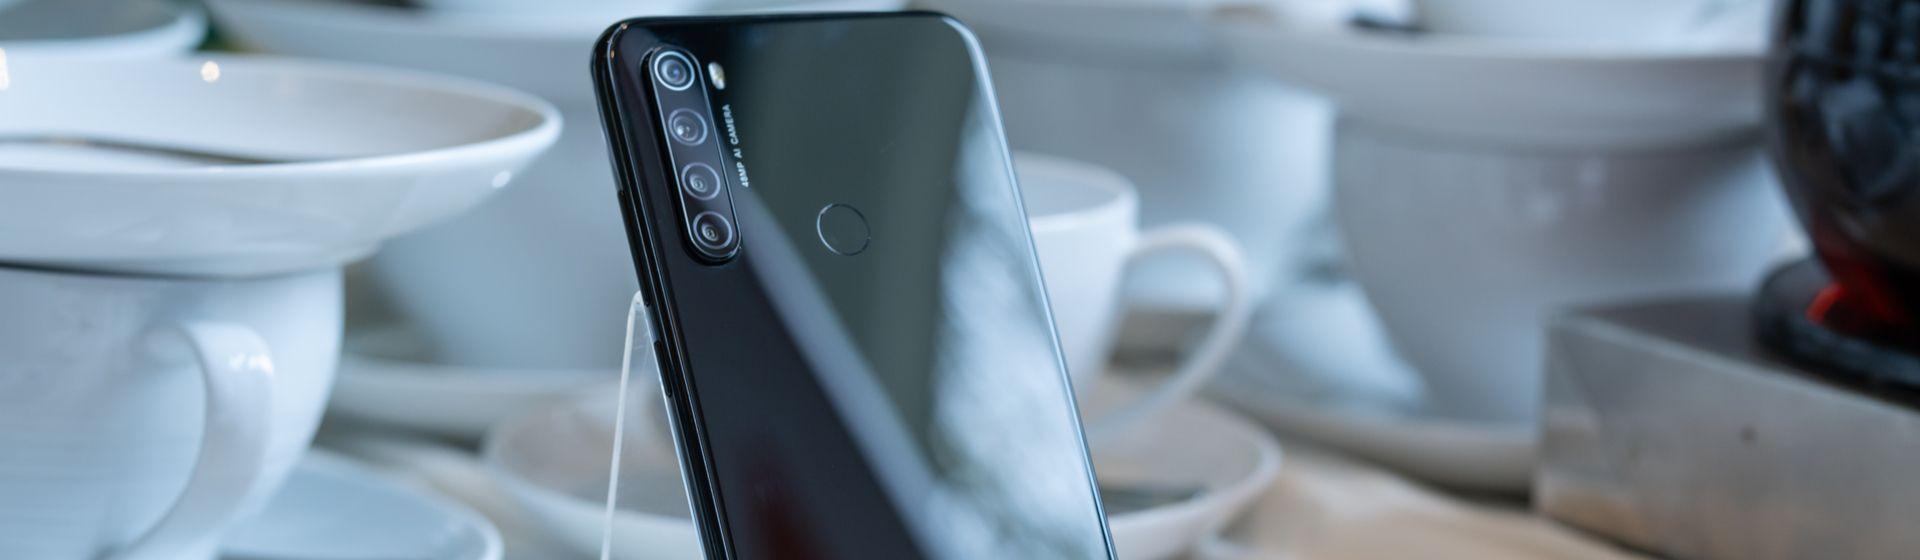 Celulares mais vendidos: Redmi Note 8 lidera em fevereiro de 2021